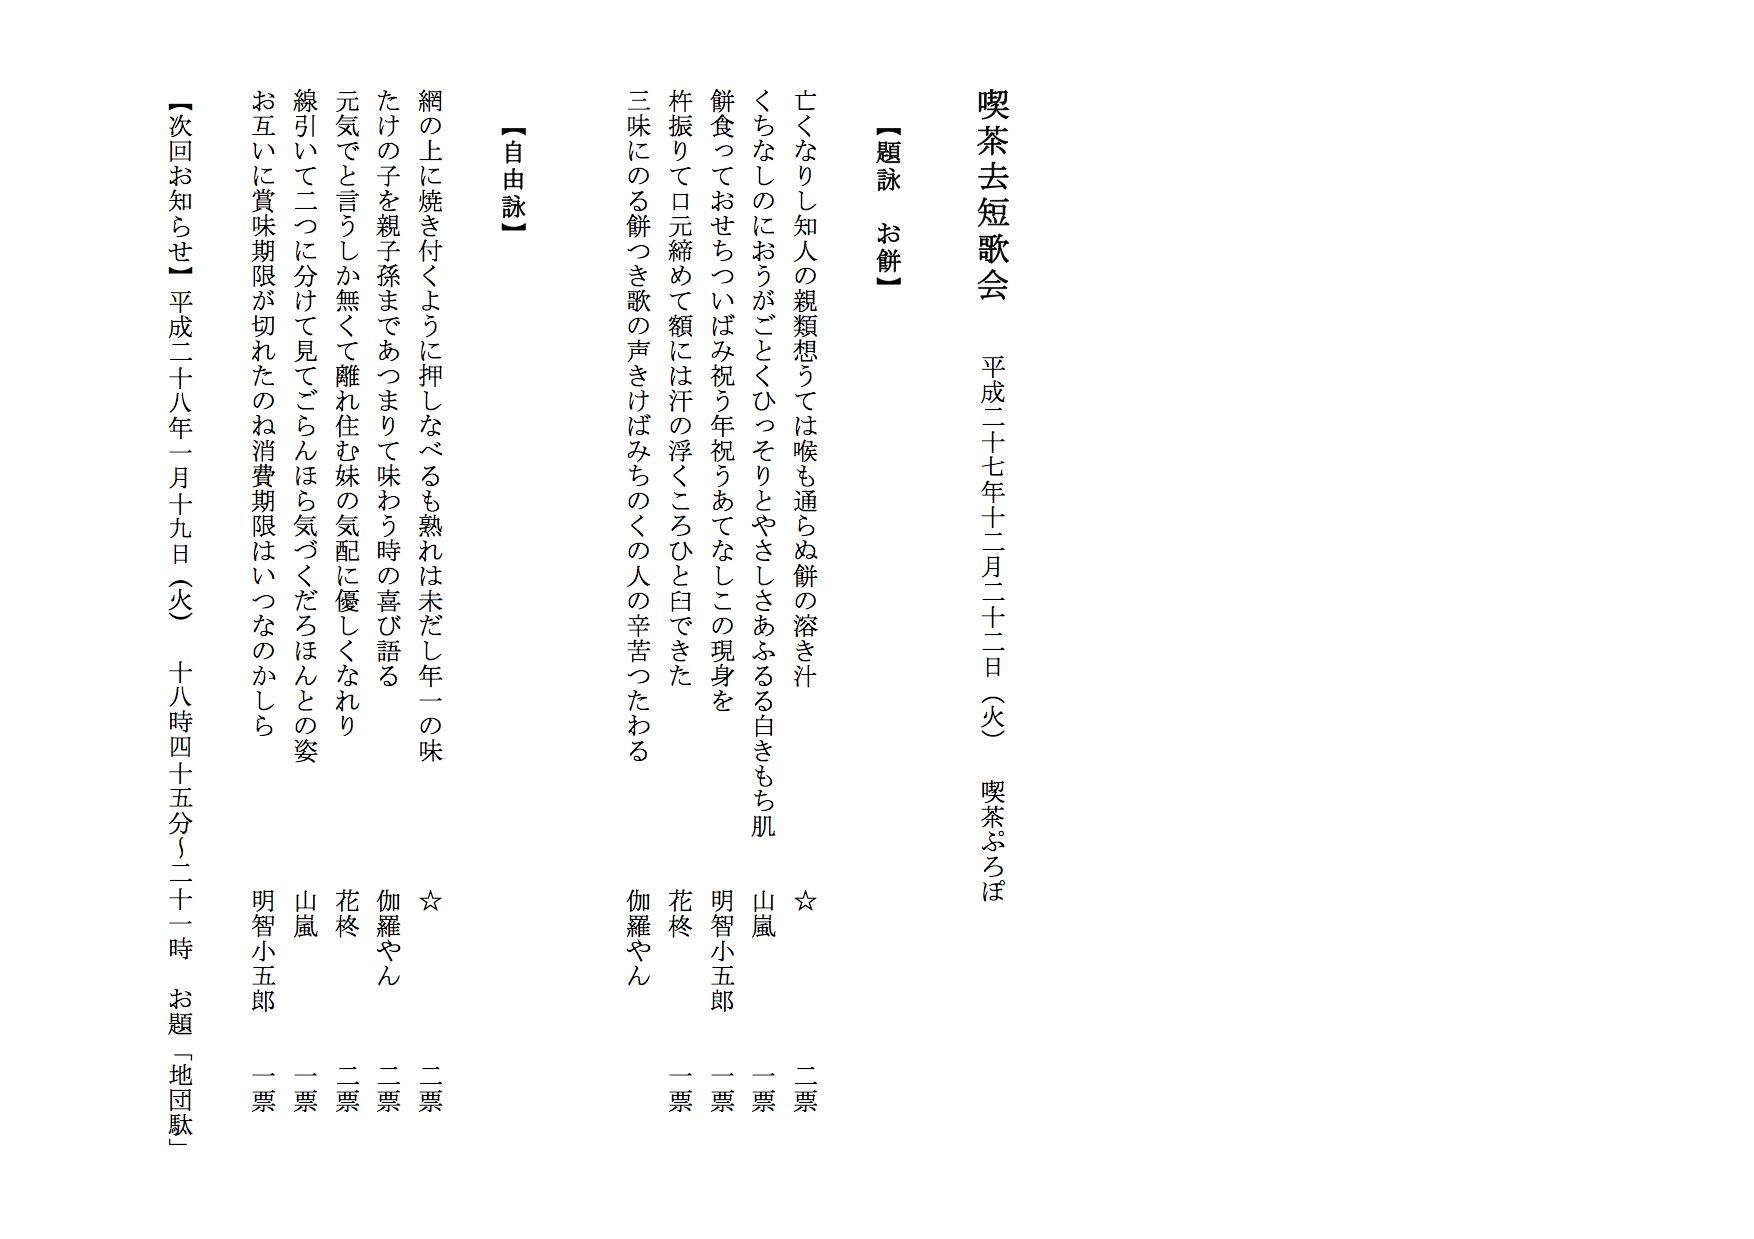 01512 喫茶去短歌会  平成二十七年十二月二十二日(火) 喫茶ぷろぽ